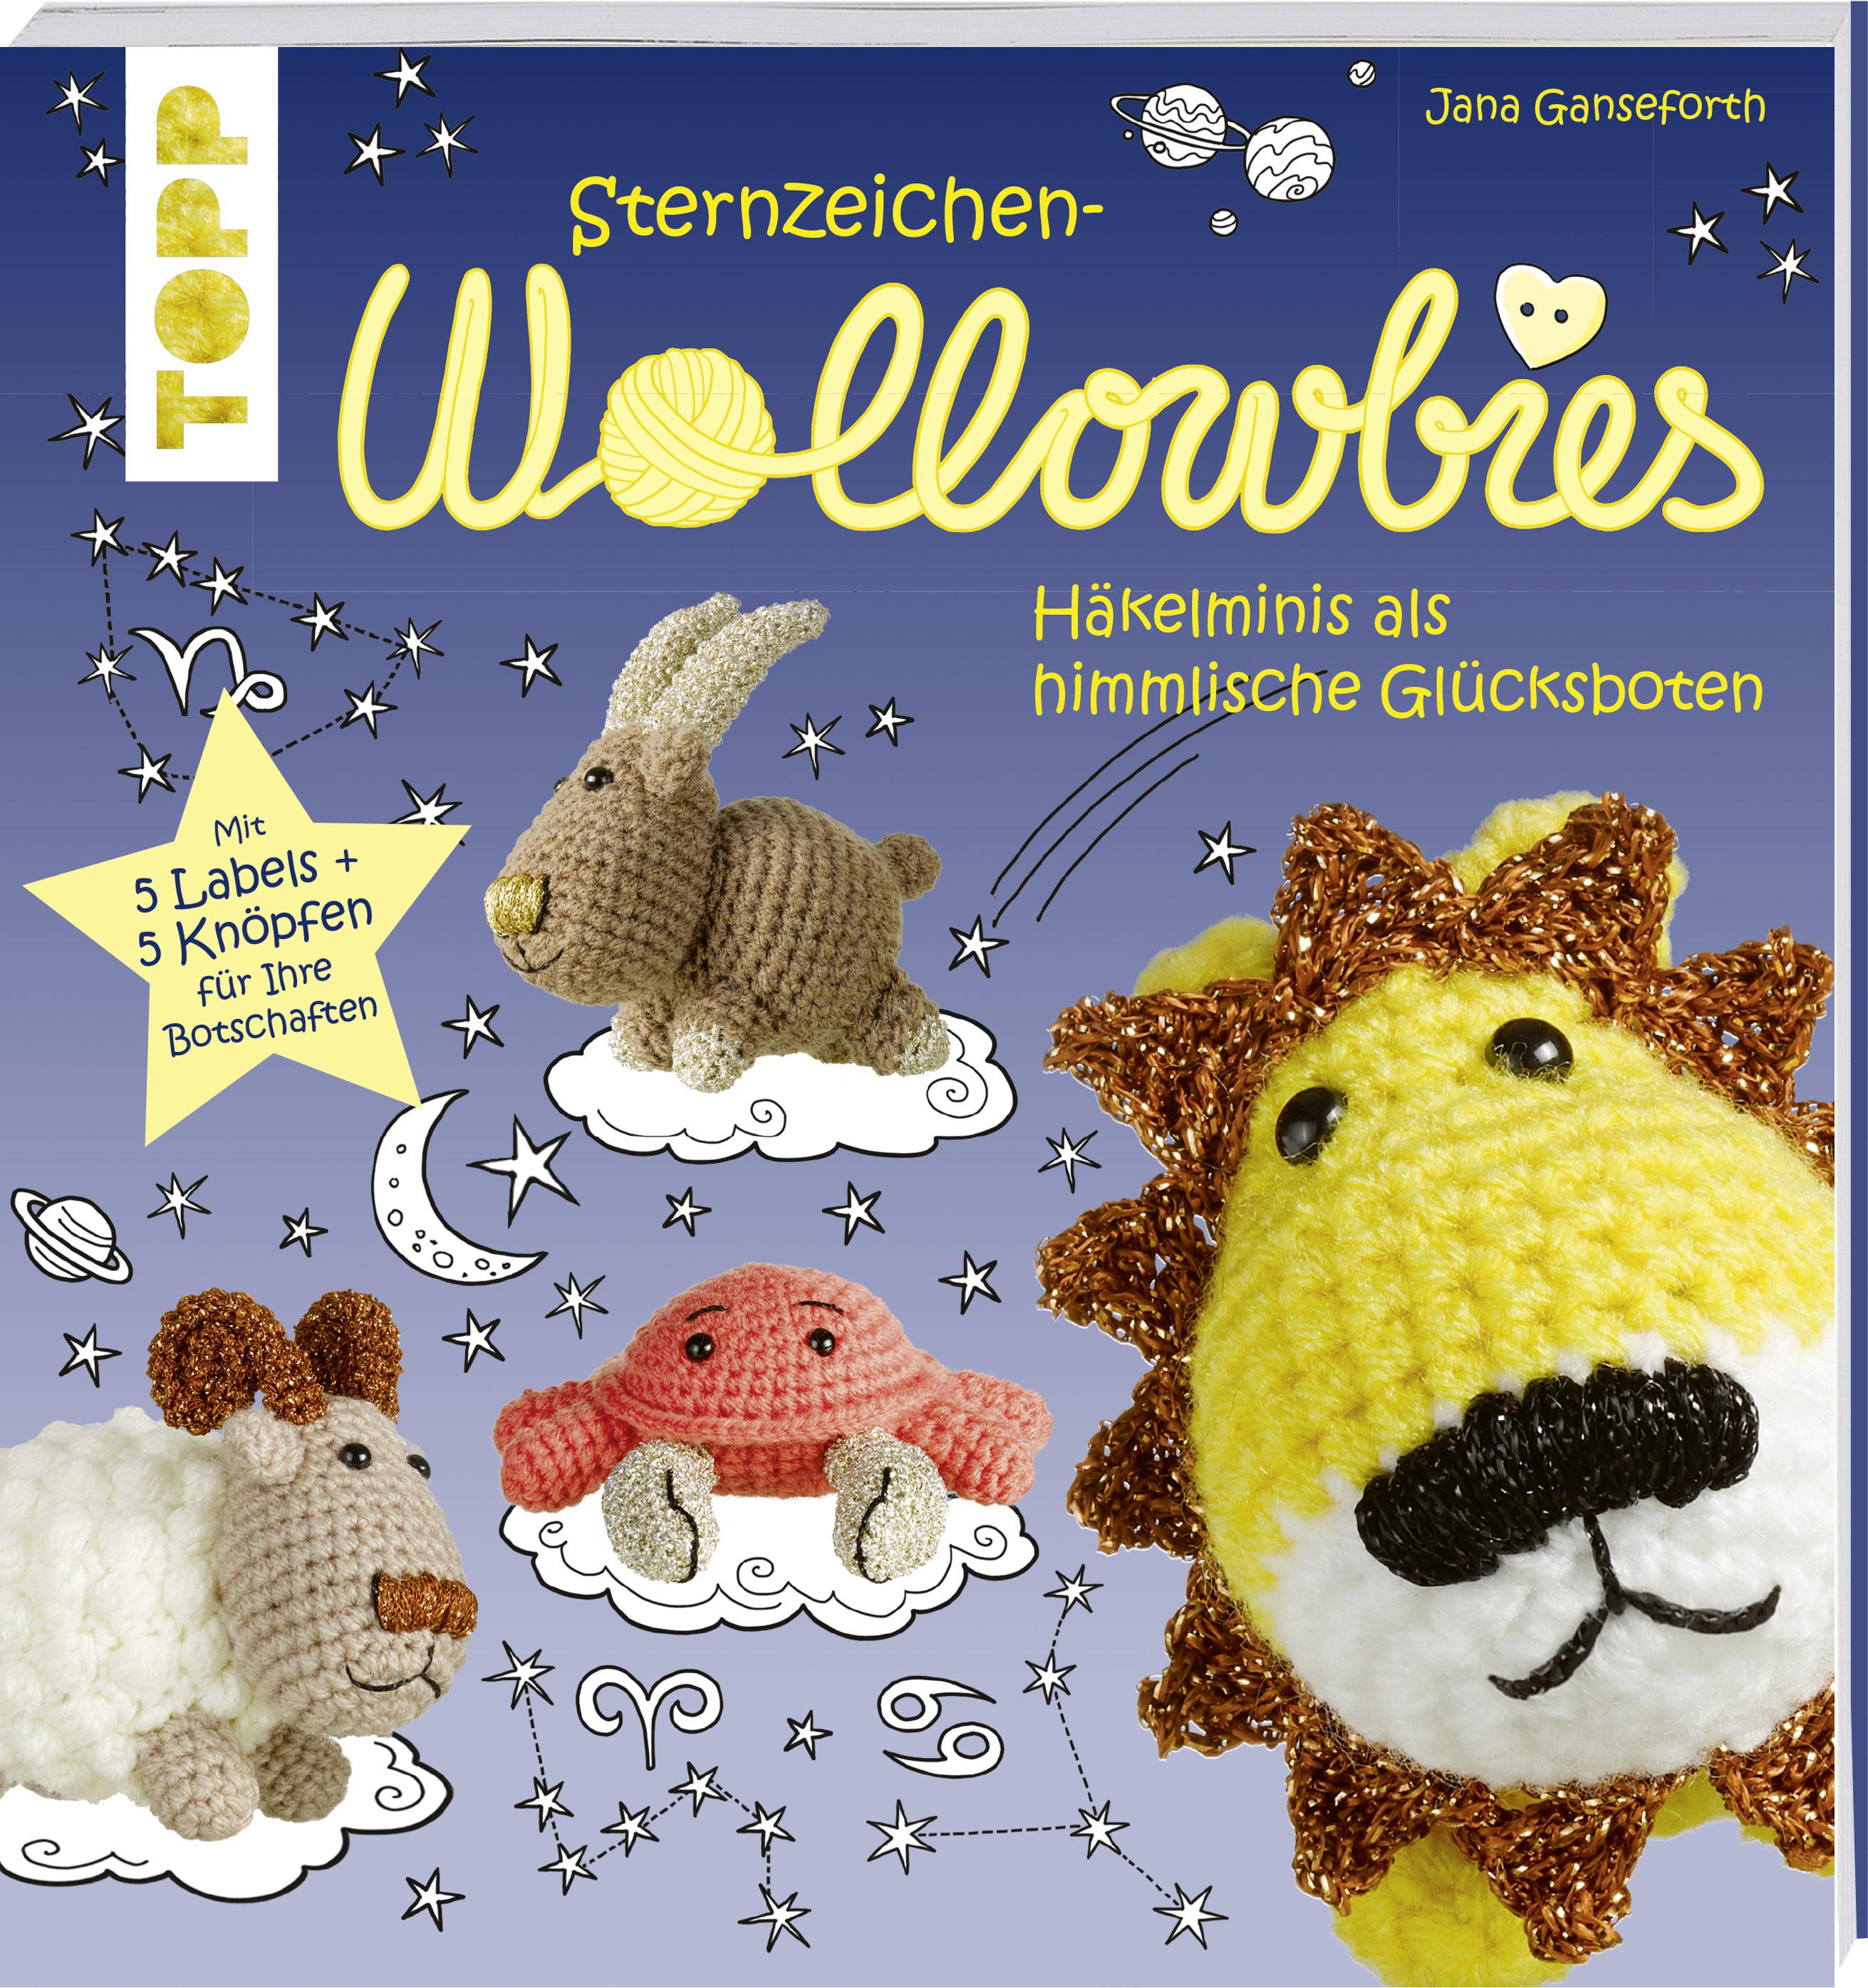 Sternzeichen Wollowbies Häkeln Löwe Affe Hase Häkeln